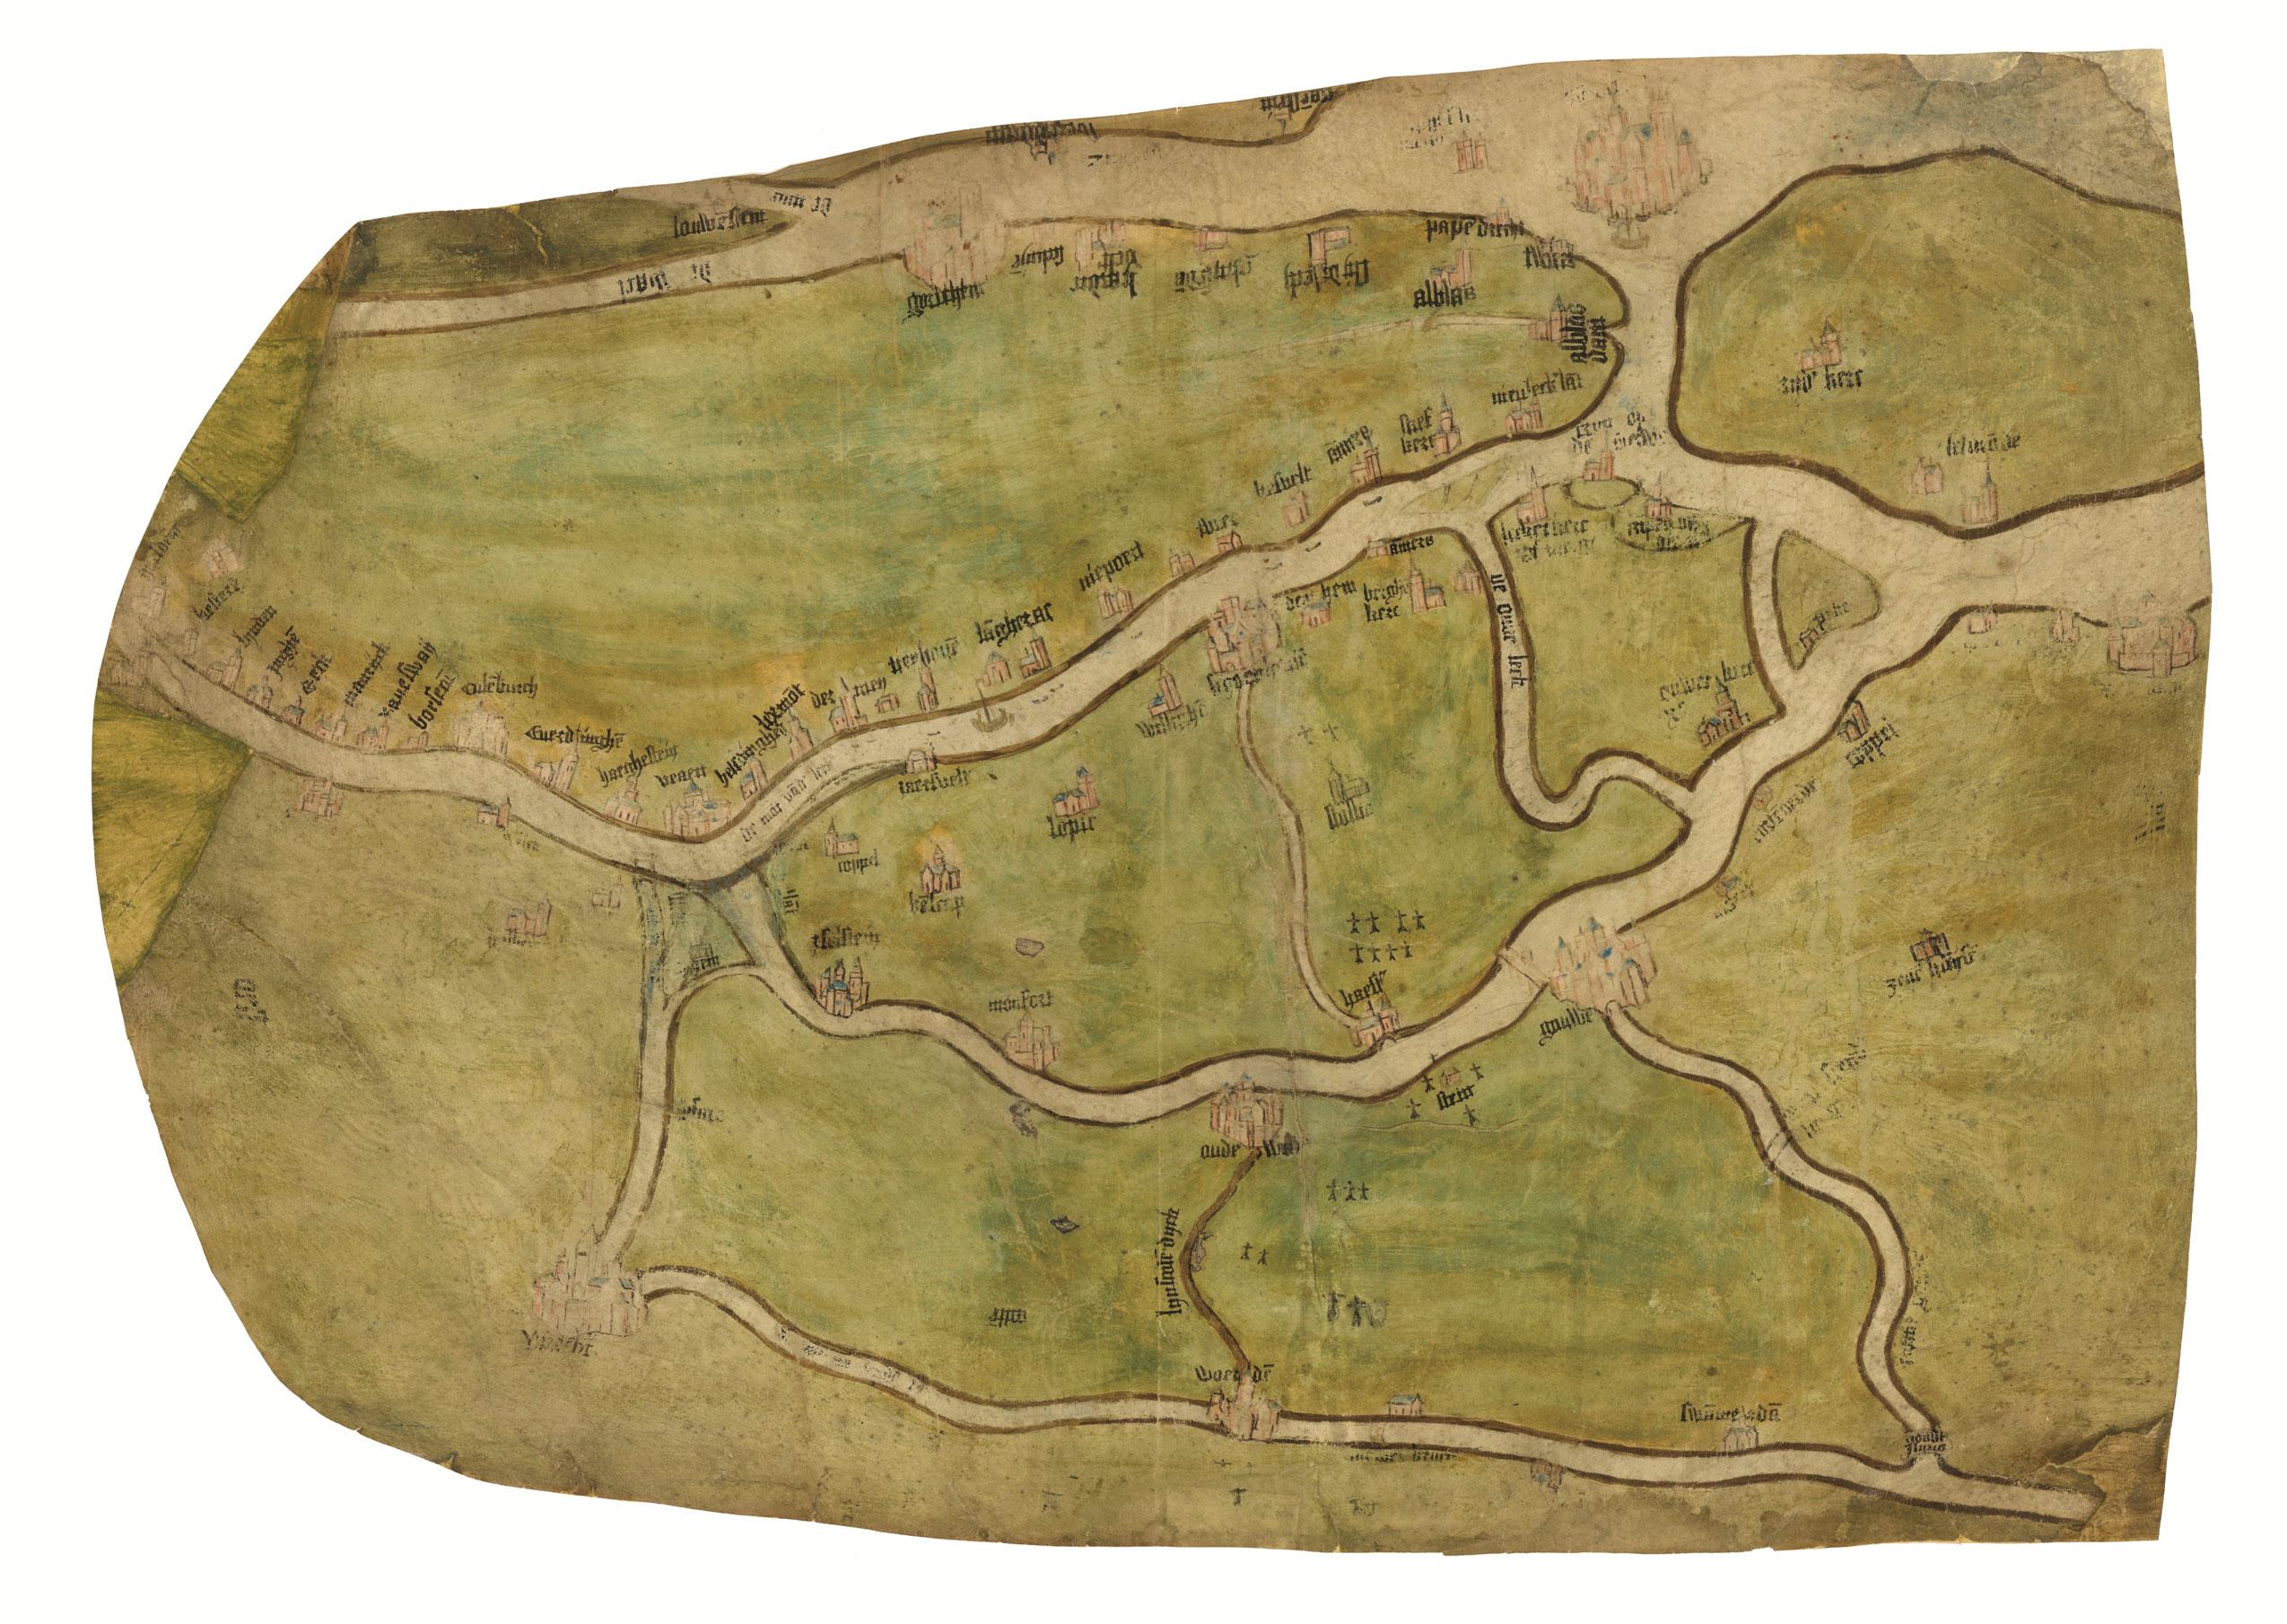 Kaart van de loop van de Rijn, Waal, Lek, Merwede en Maas, circa 1500. Nationaal Archief, op perkament